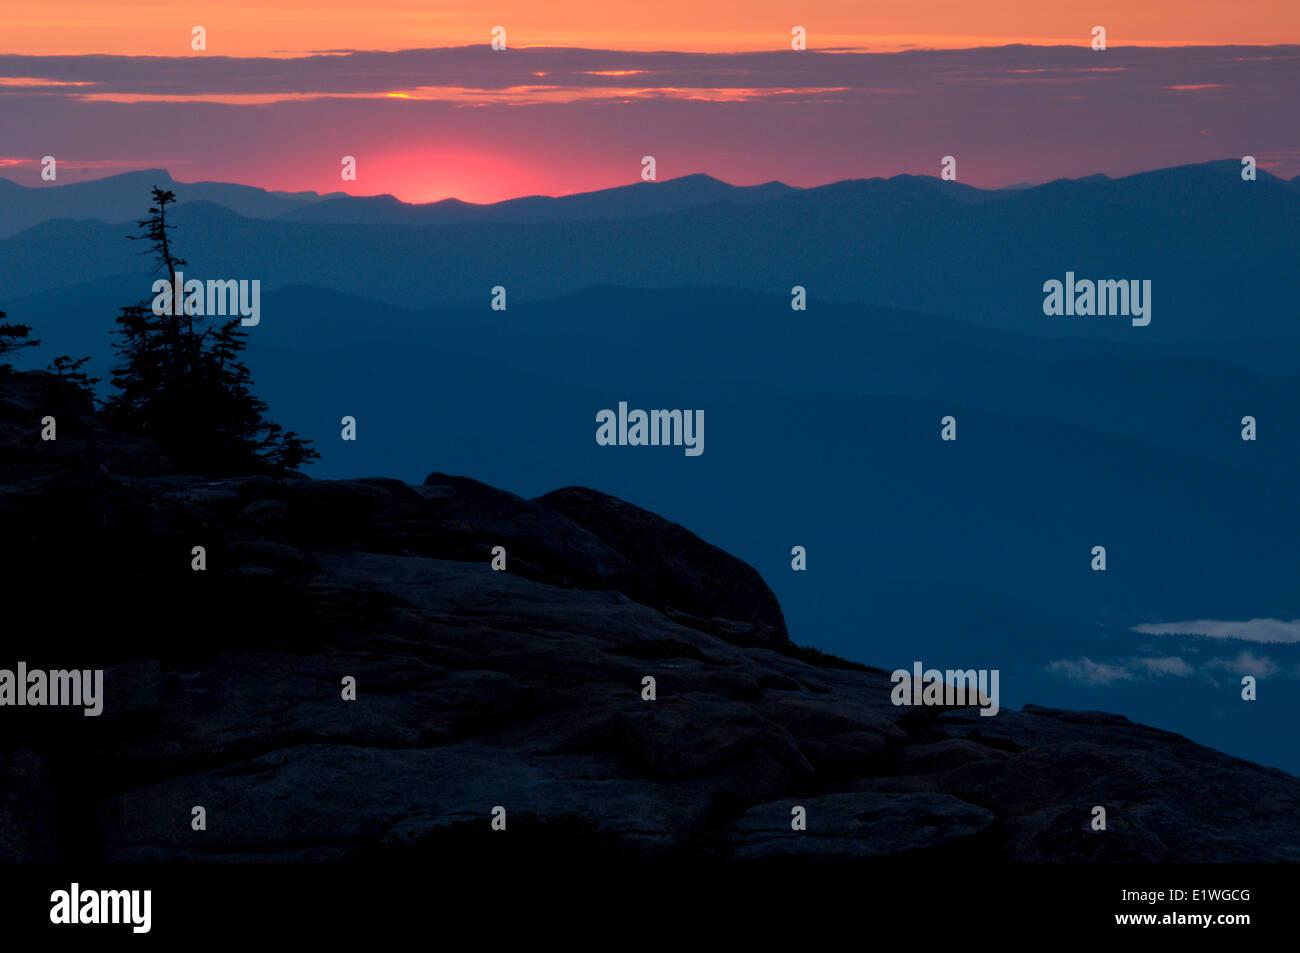 Sonnenuntergang über den südlichen Selkirk Mountains an der Grenze Idaho/Washington glüht Stockbild